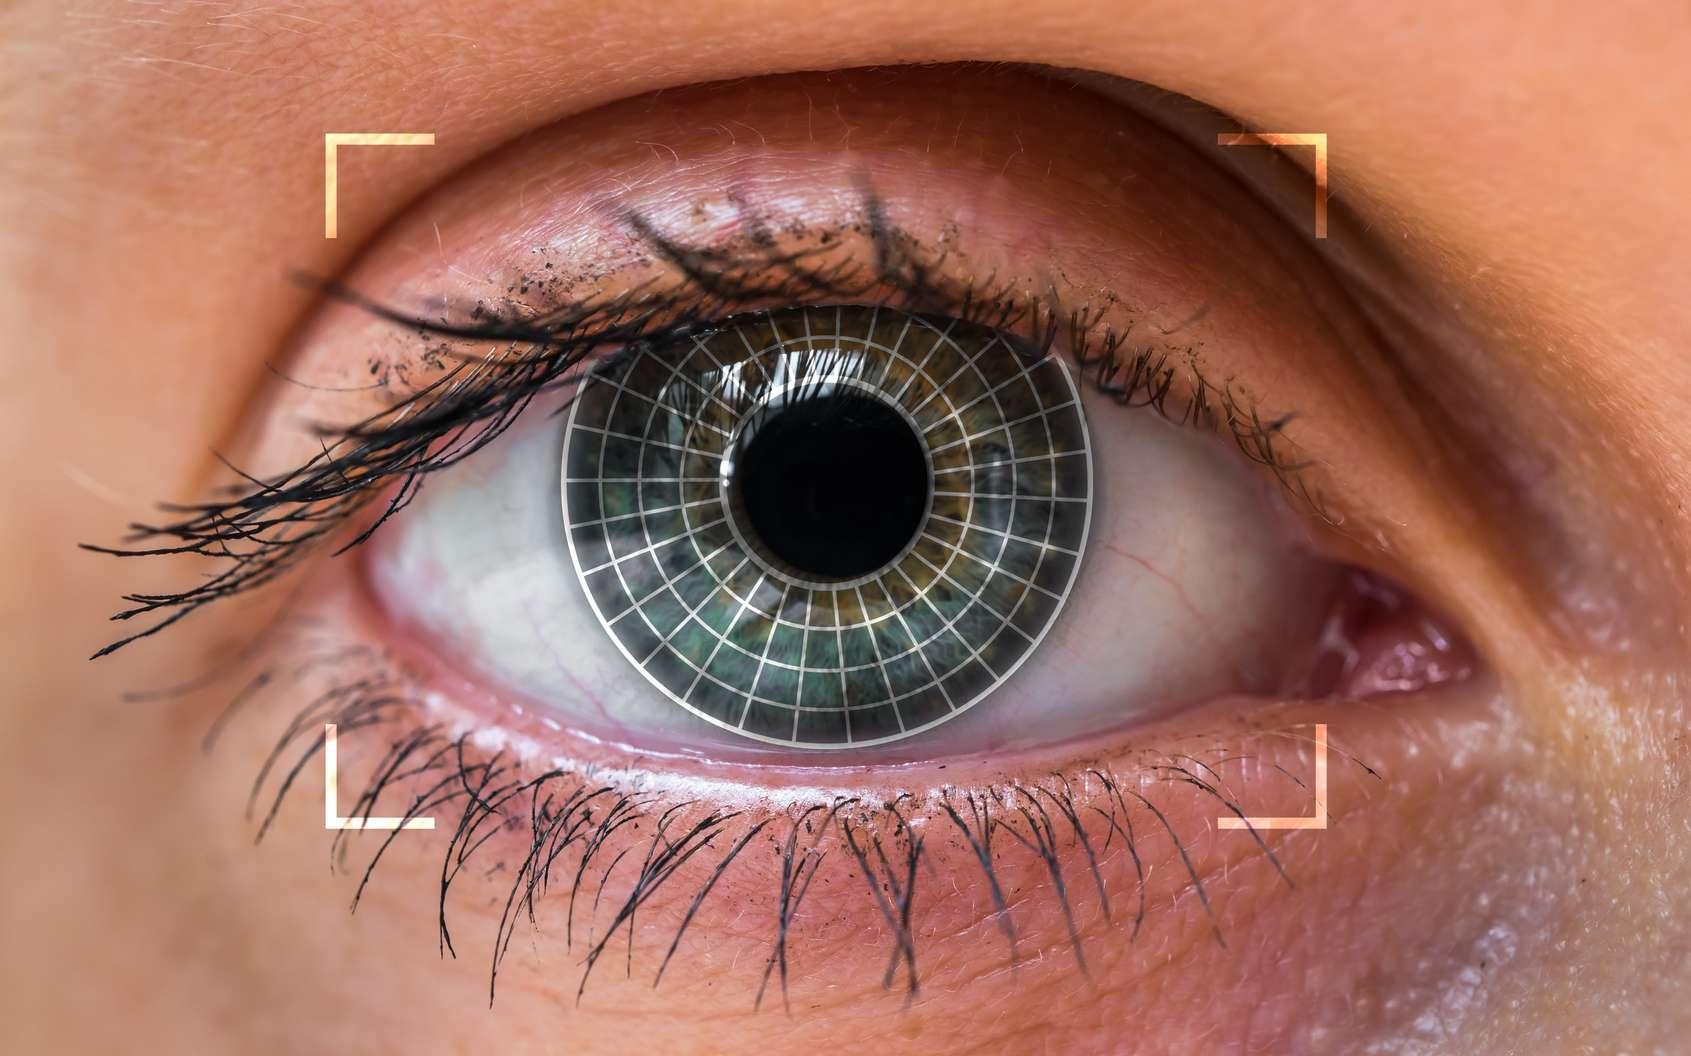 À l'aide d'un biomicroscope qui déploie une lumière fluorescente sur la lentille de l'œil, on pourrait diagnostiquer le diabète en mesurant le taux de produits de glycation avancée. © adriano_cz, Fotolia